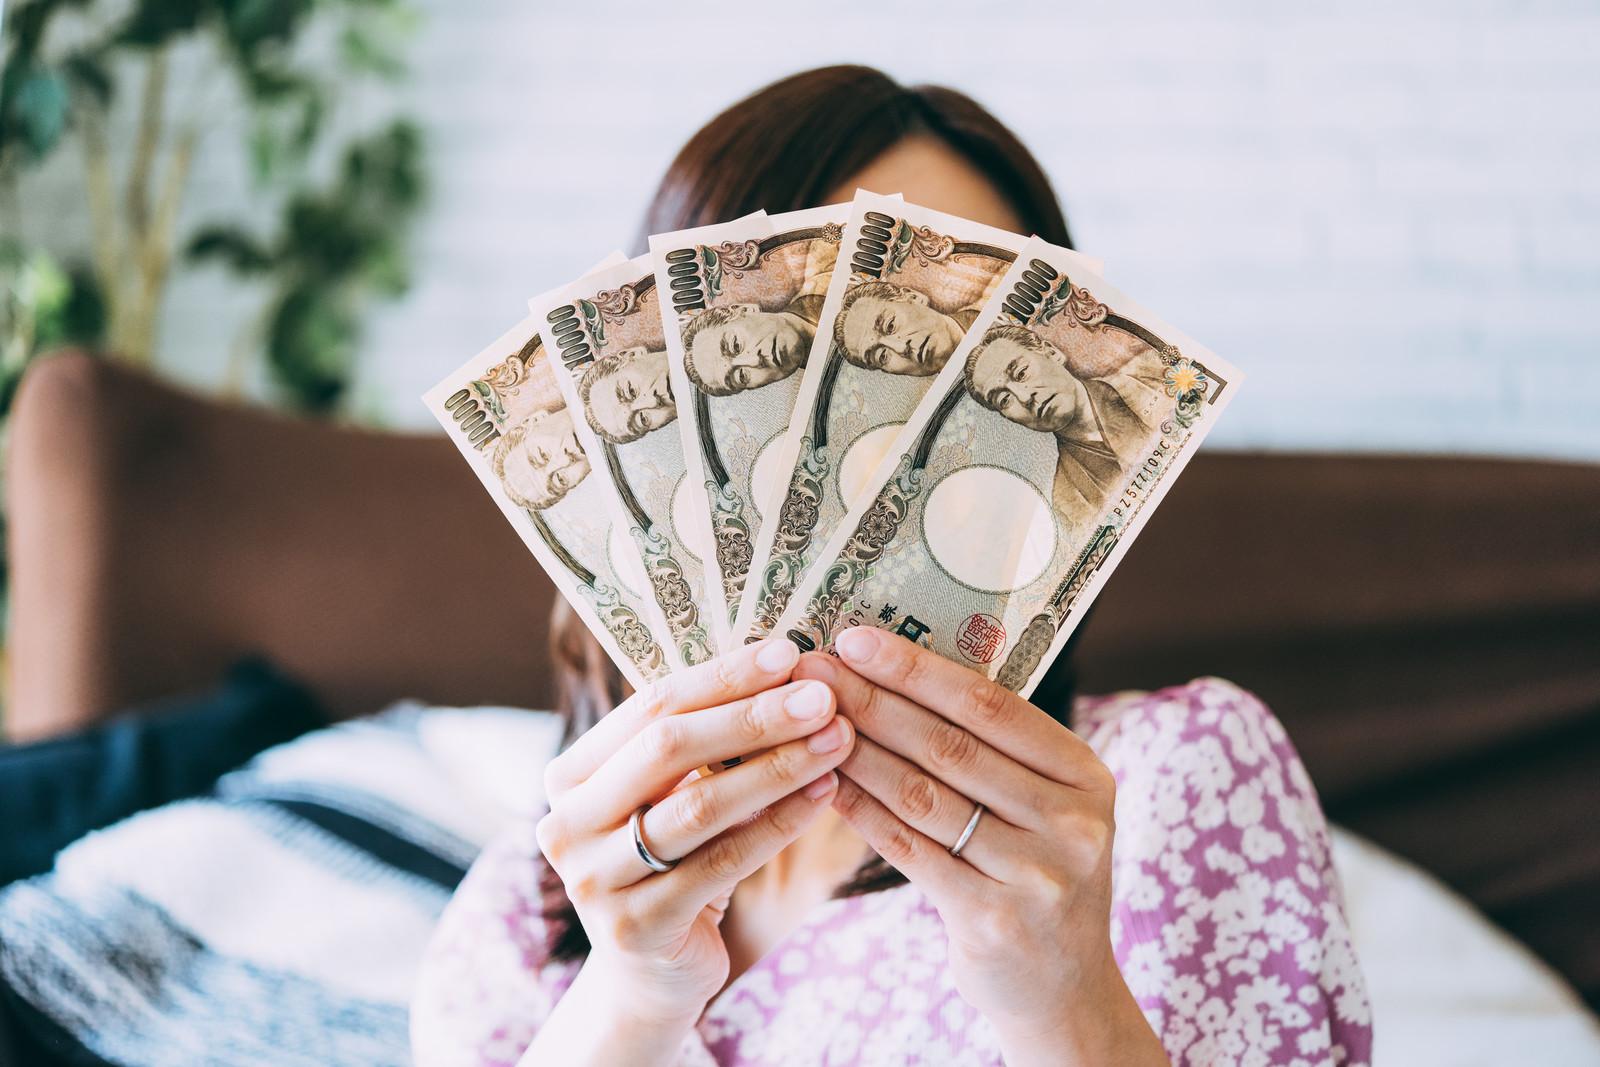 お金がないけど仕事を辞めたい時の対処法7選③失業保険などを貰う